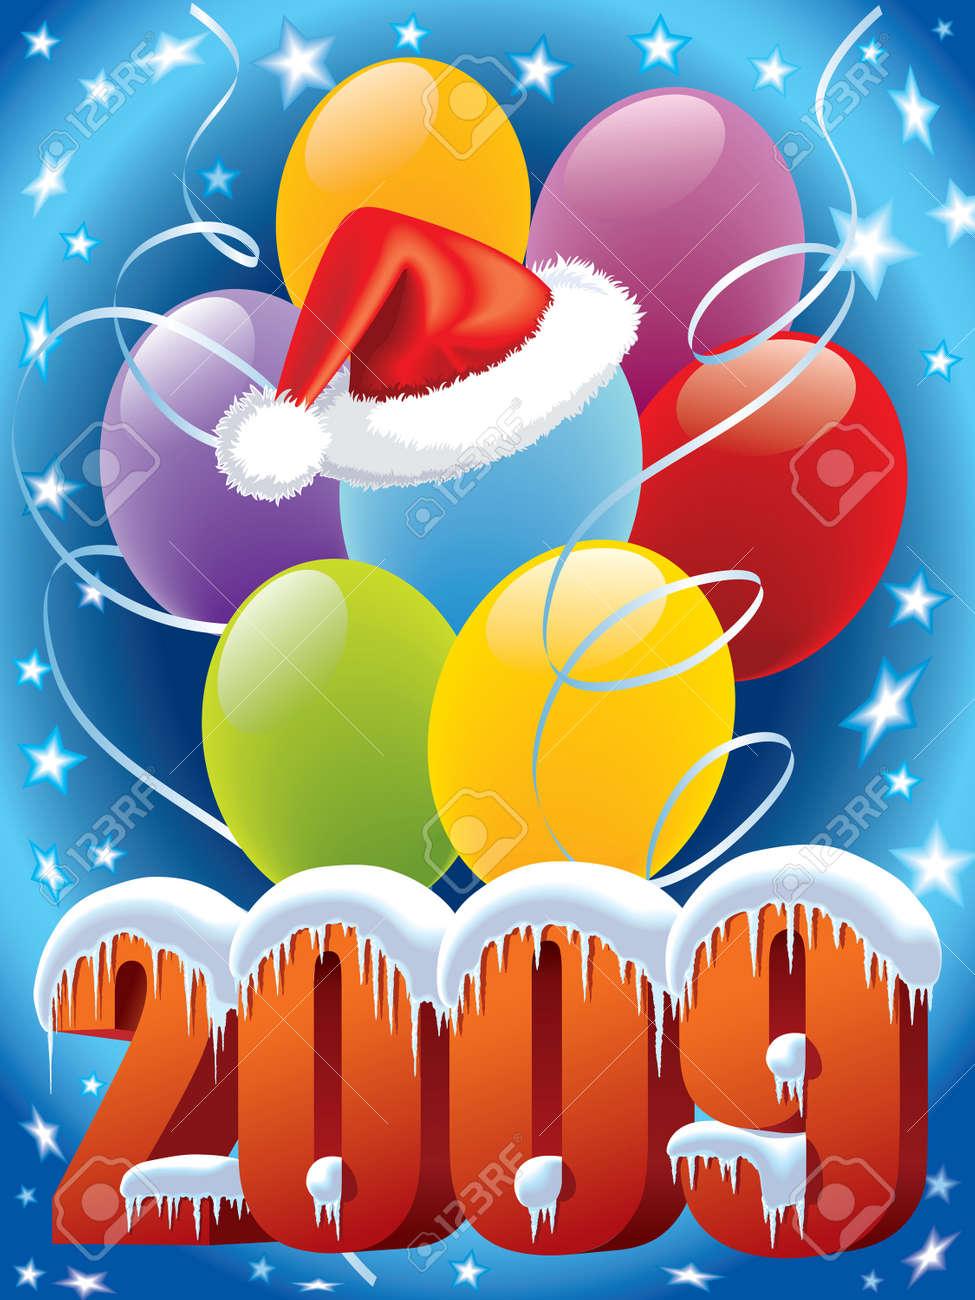 Archivio Fotografico - Capodanno decorazione con Babbo Natale e cappuccio  palloncini 74b1503b6b15